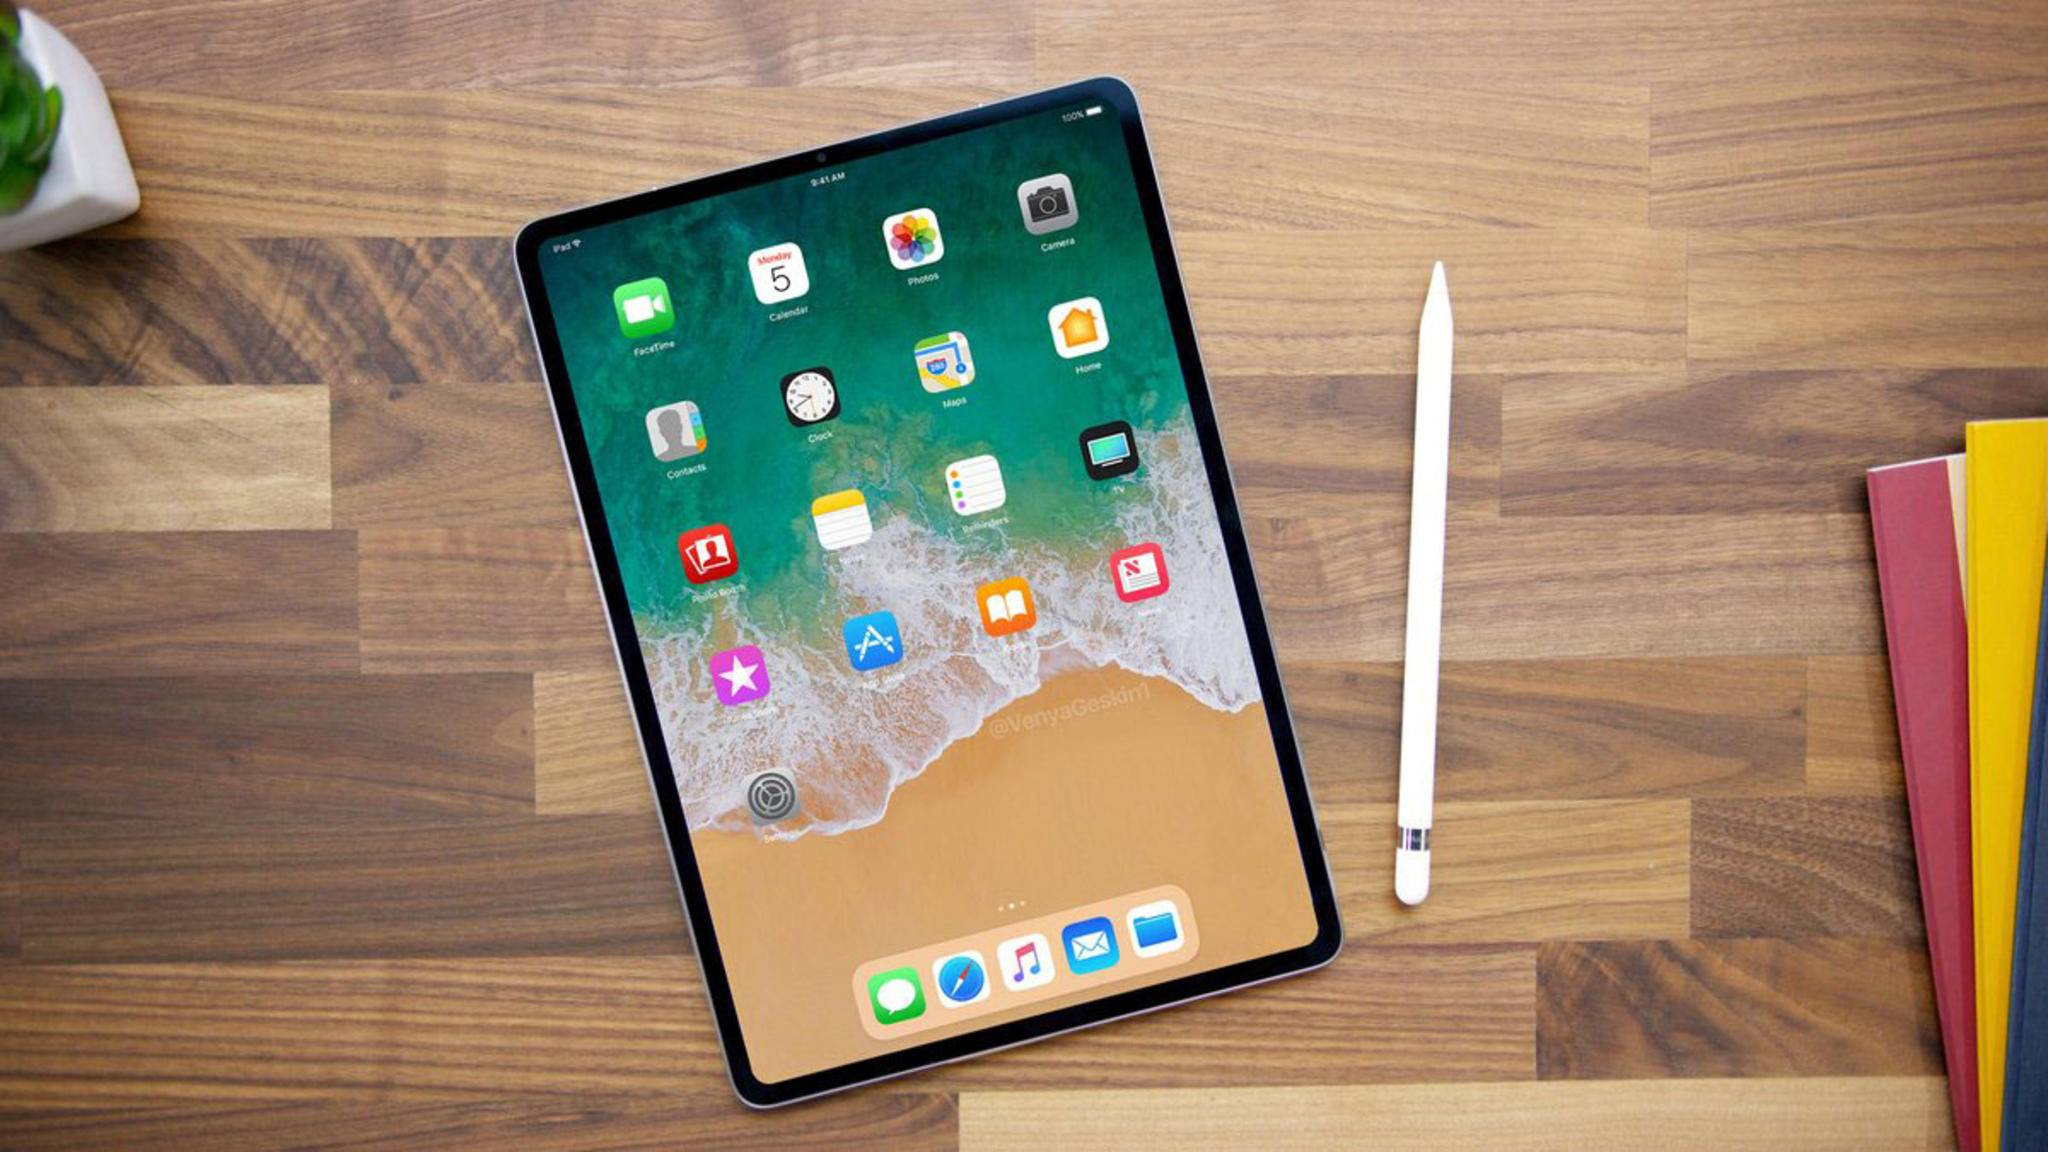 Dünne Displayränder und kein Home-Button: So könnte das neue iPad Pro 2018 aussehen.